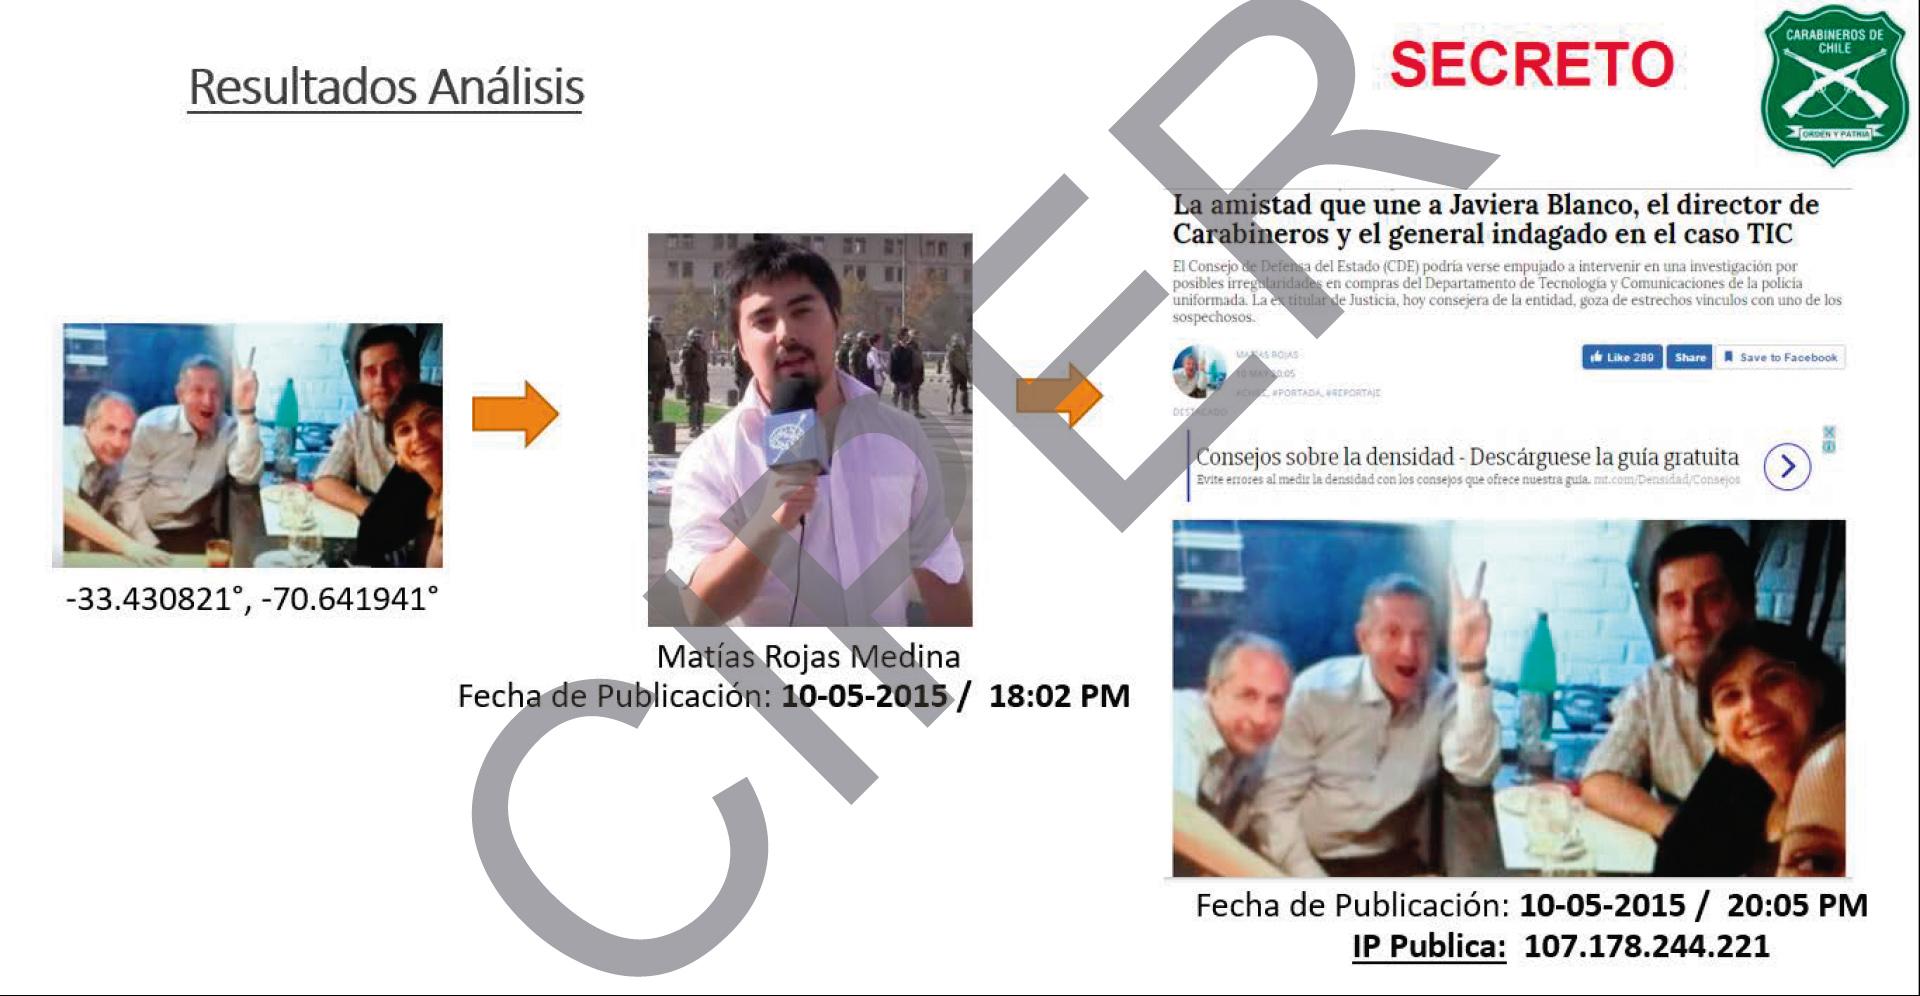 Informe de la UIOE sobre noticia publicada en El Ciudadano